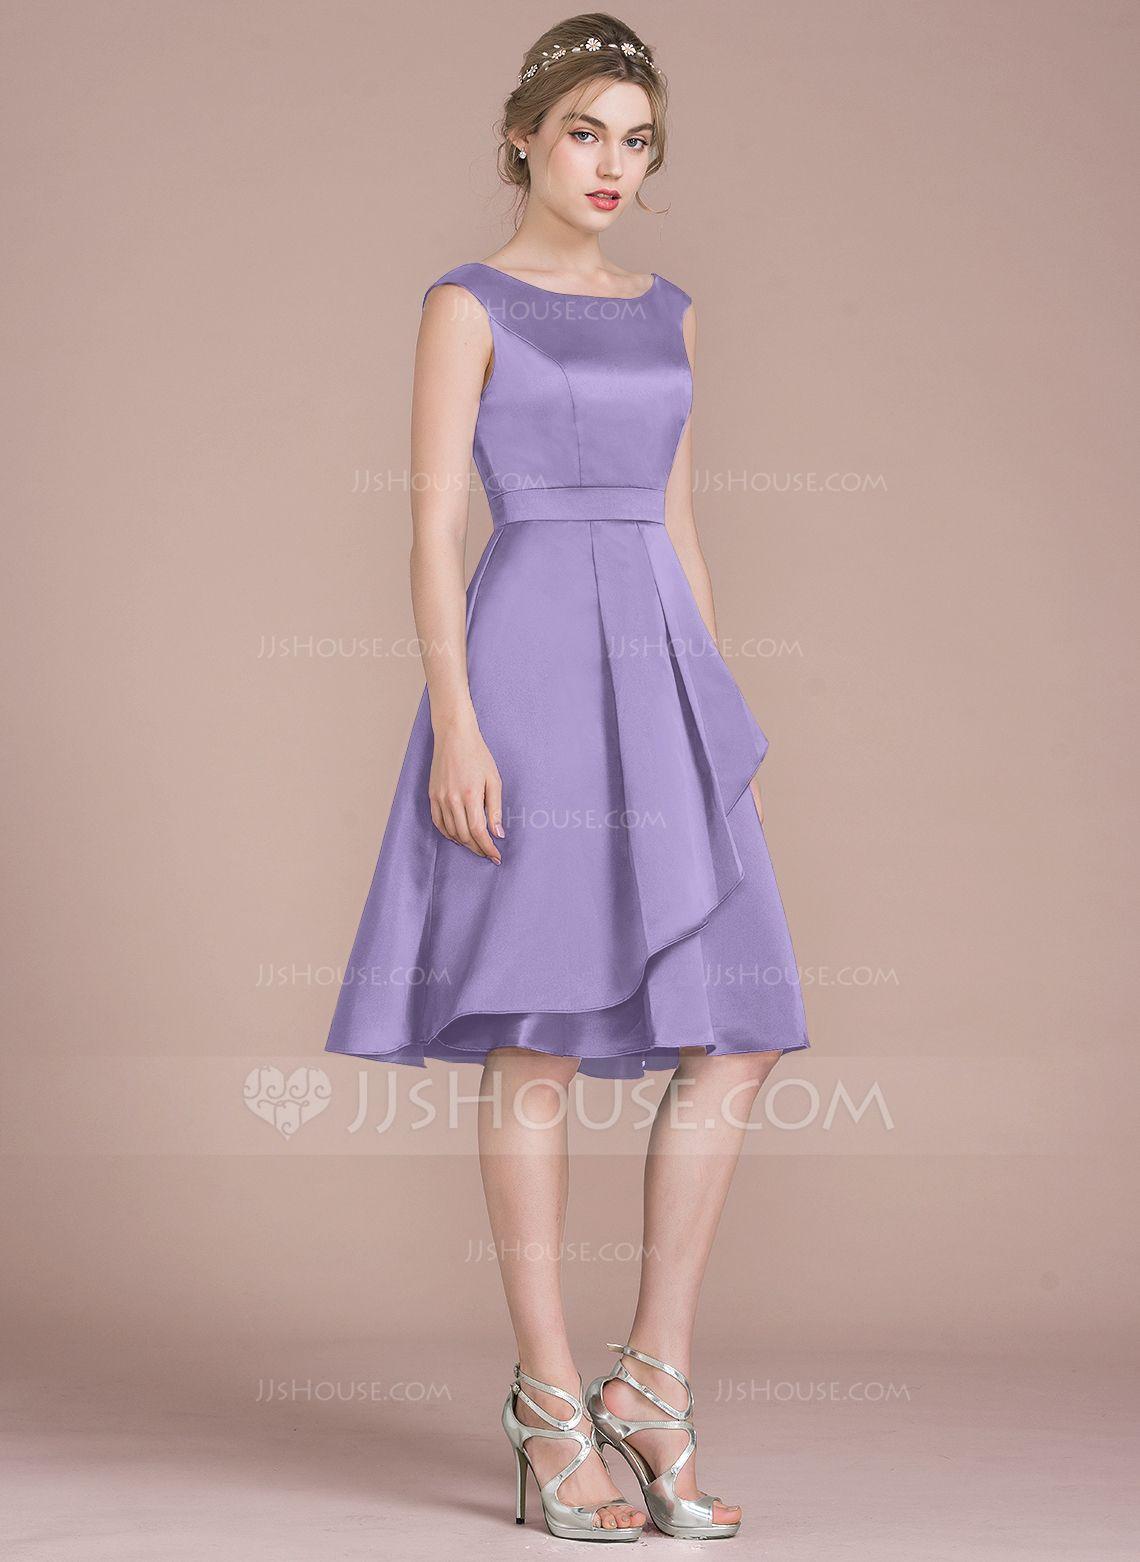 fda254e777 A-Line/Princess Scoop Neck Knee-Length Satin Bridesmaid Dress With Cascading  Ruffles